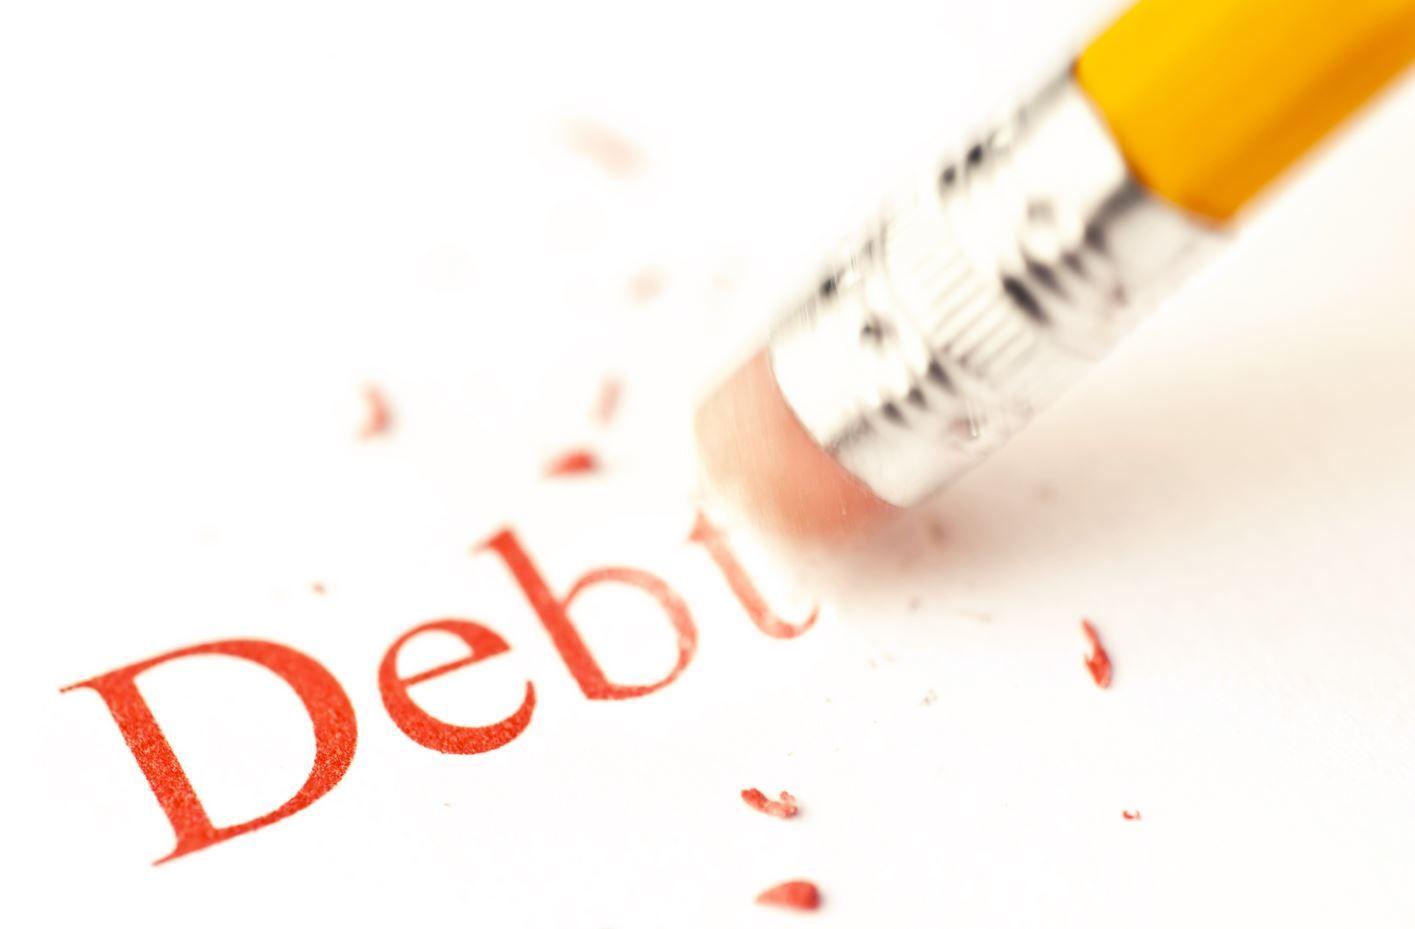 Долги по кредитам в 2019 году арест счета приставами выплата заработная плата